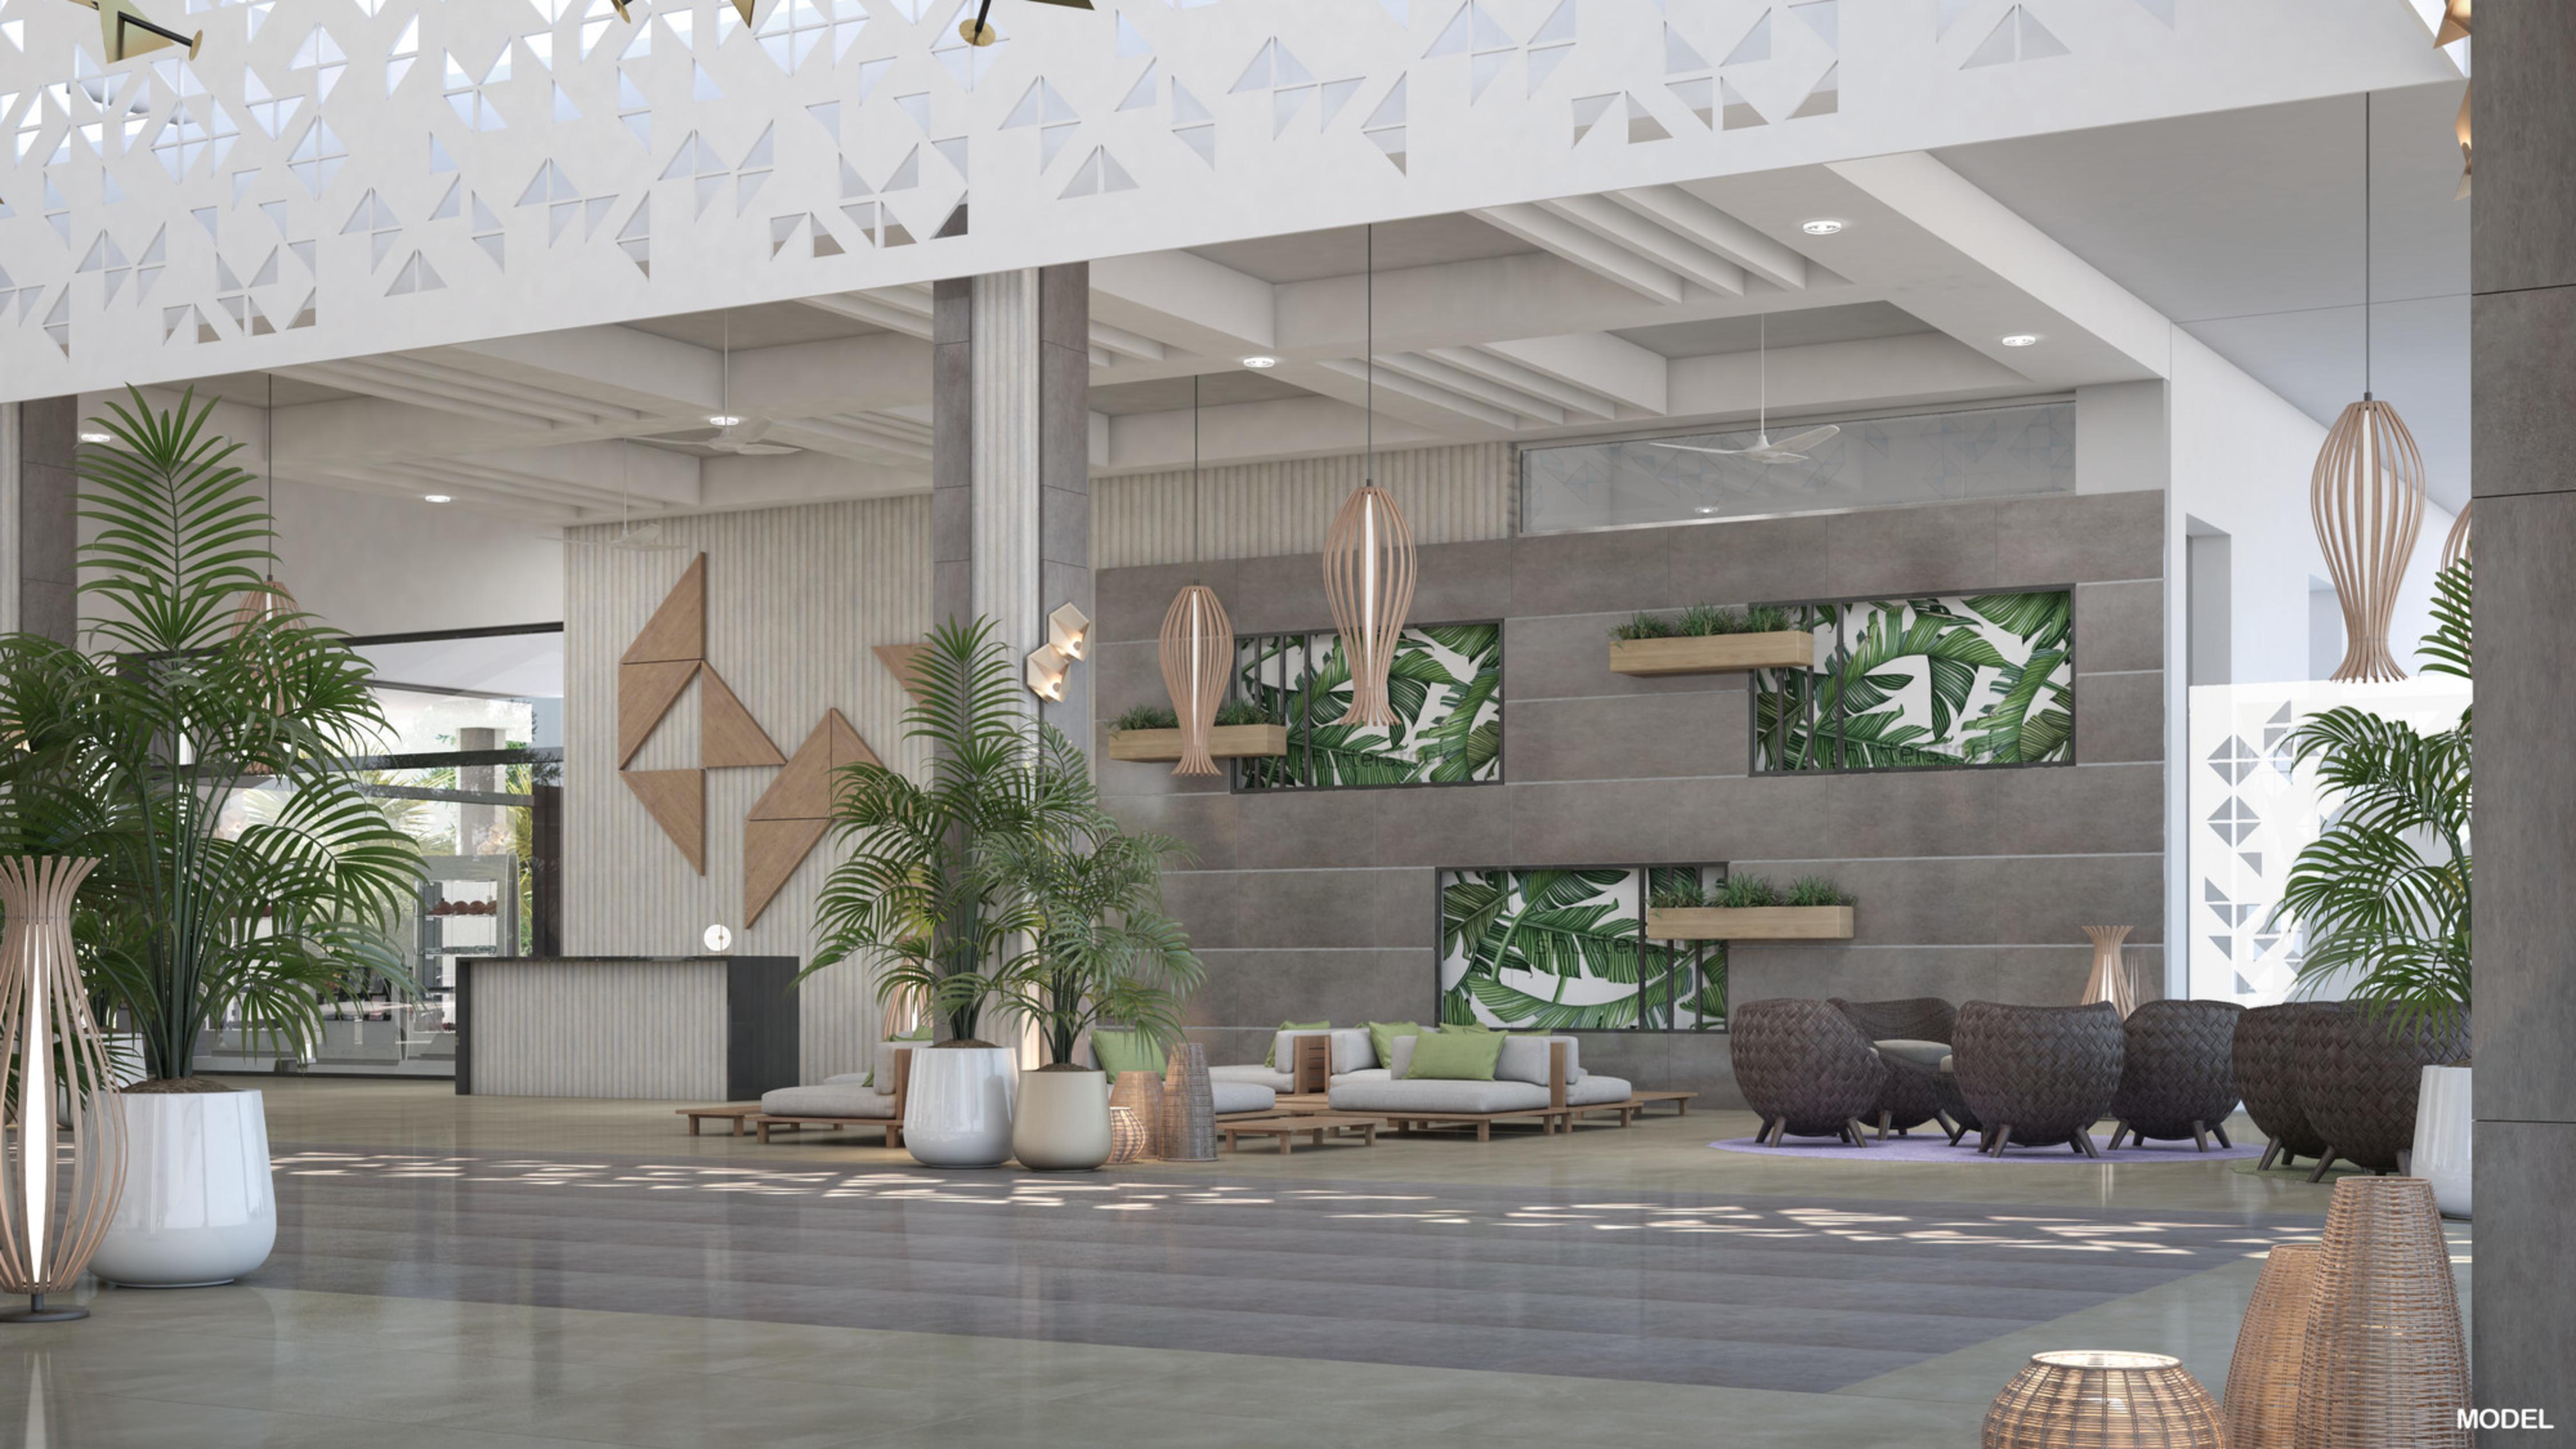 Vestíbulo del hotel Riu Ocho Rios, ubicado en Jamaica, que Luis Riu tiene previsto reformar en 2019